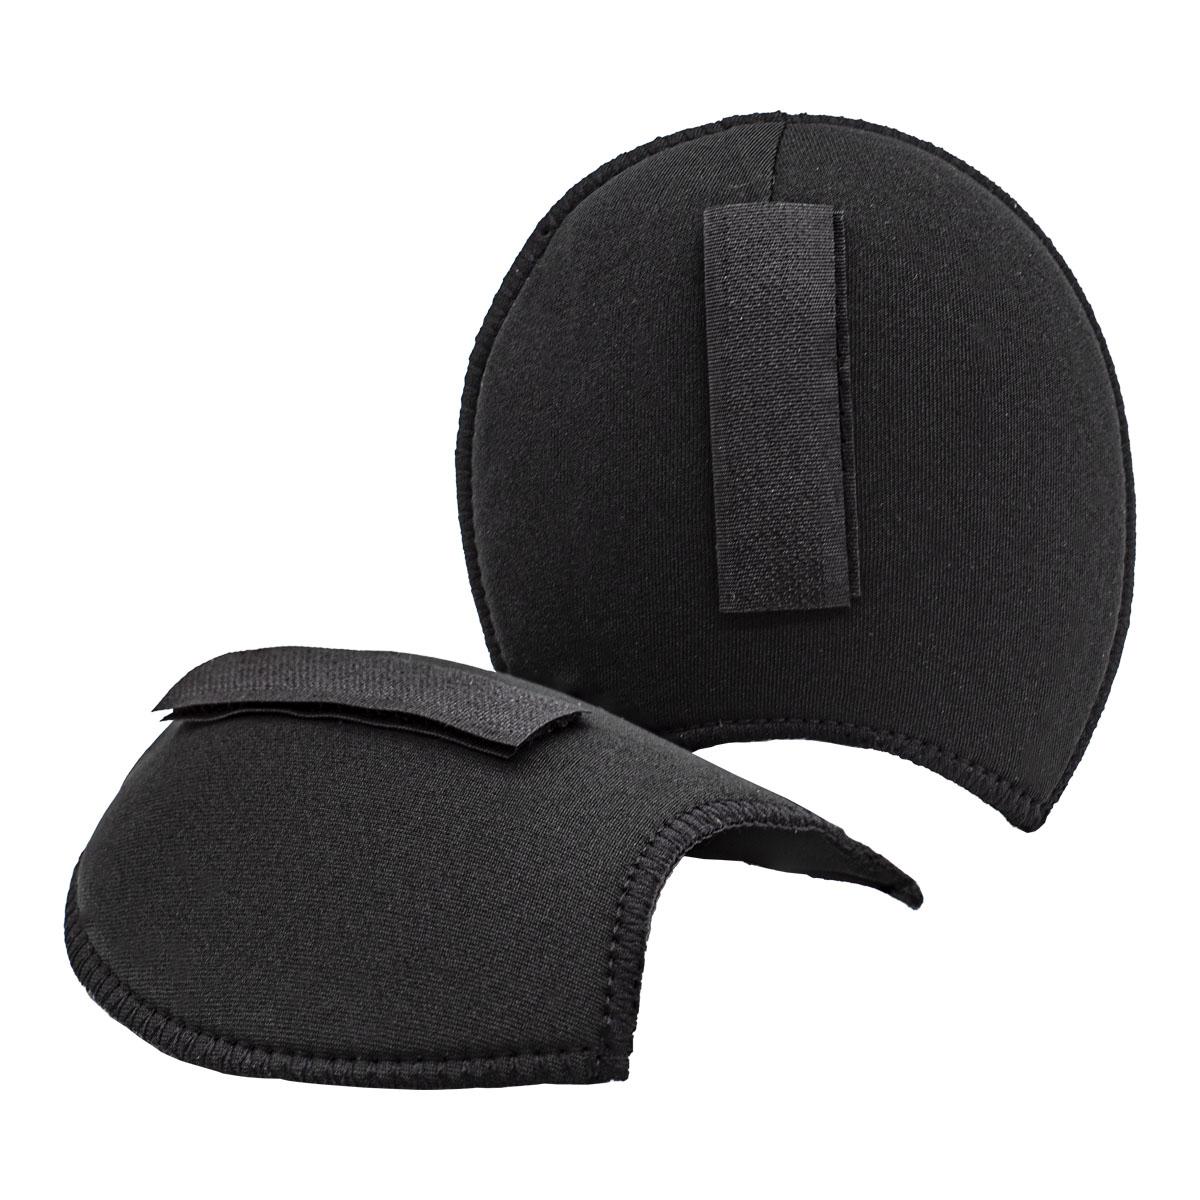 993832 Плечевые накладки с липучками (S), реглан, черный, 110*100*11 мм, упак./5 пар, Prym